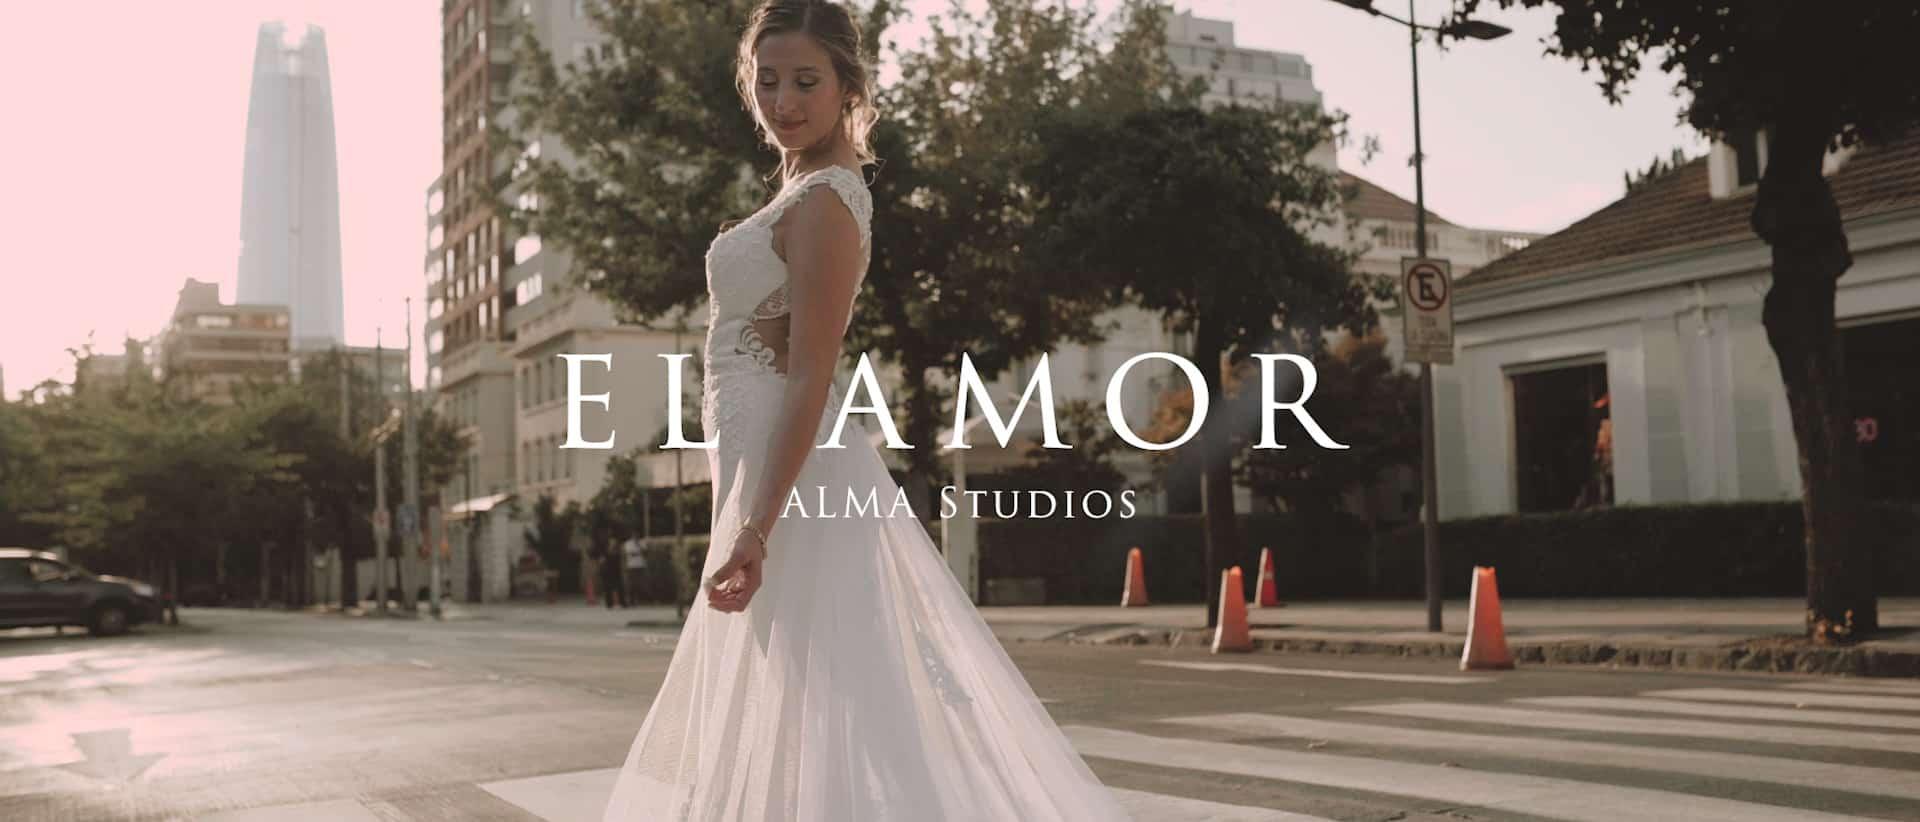 Peliculas de Alma Studios. El Amor. Wedding film by Alma Studios. Una película de matrimonio por Alma Studios